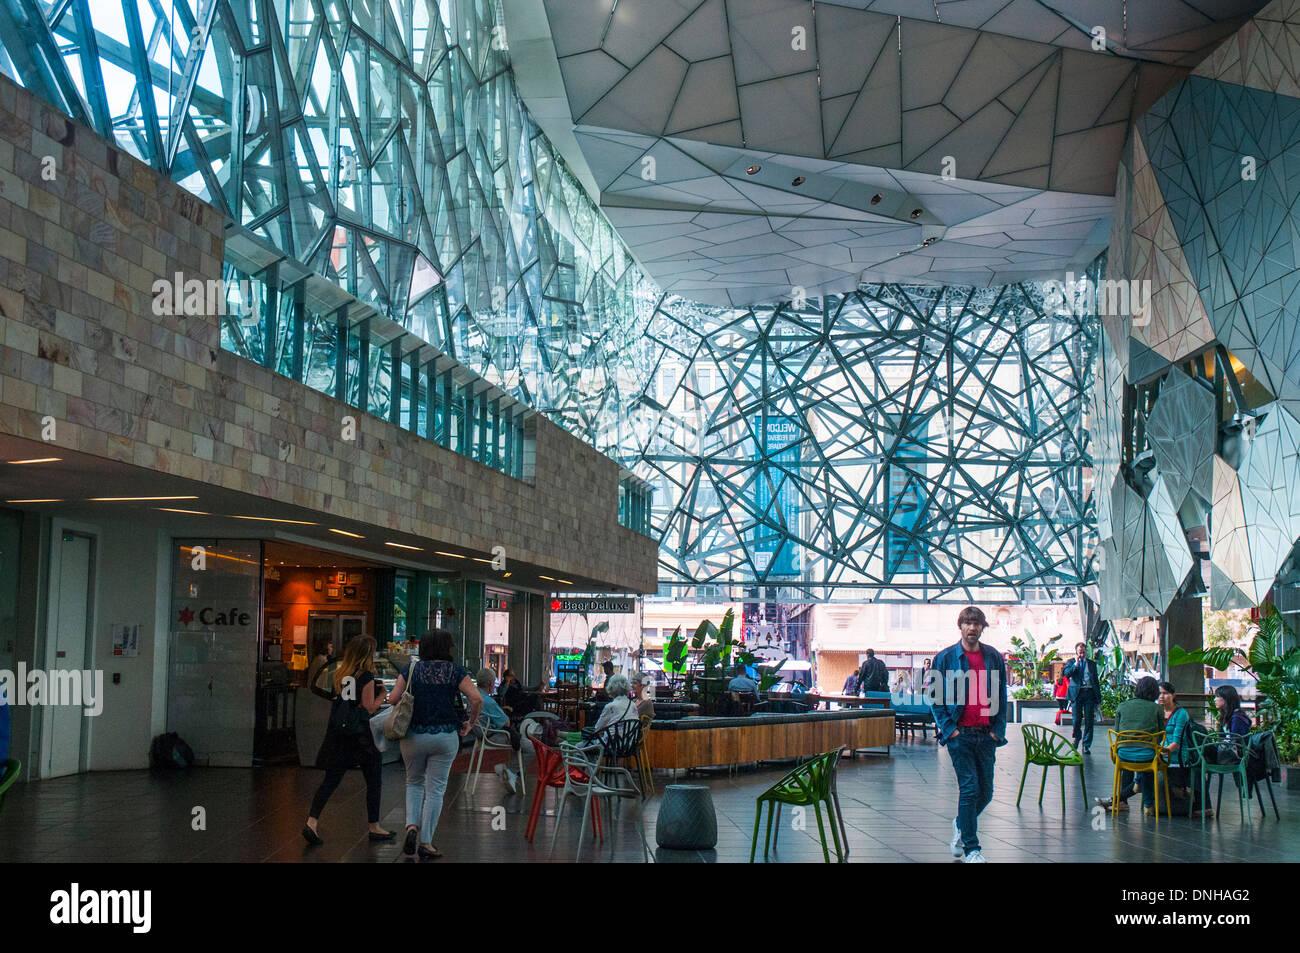 Inside the Atrium of the Federation Square complex ...